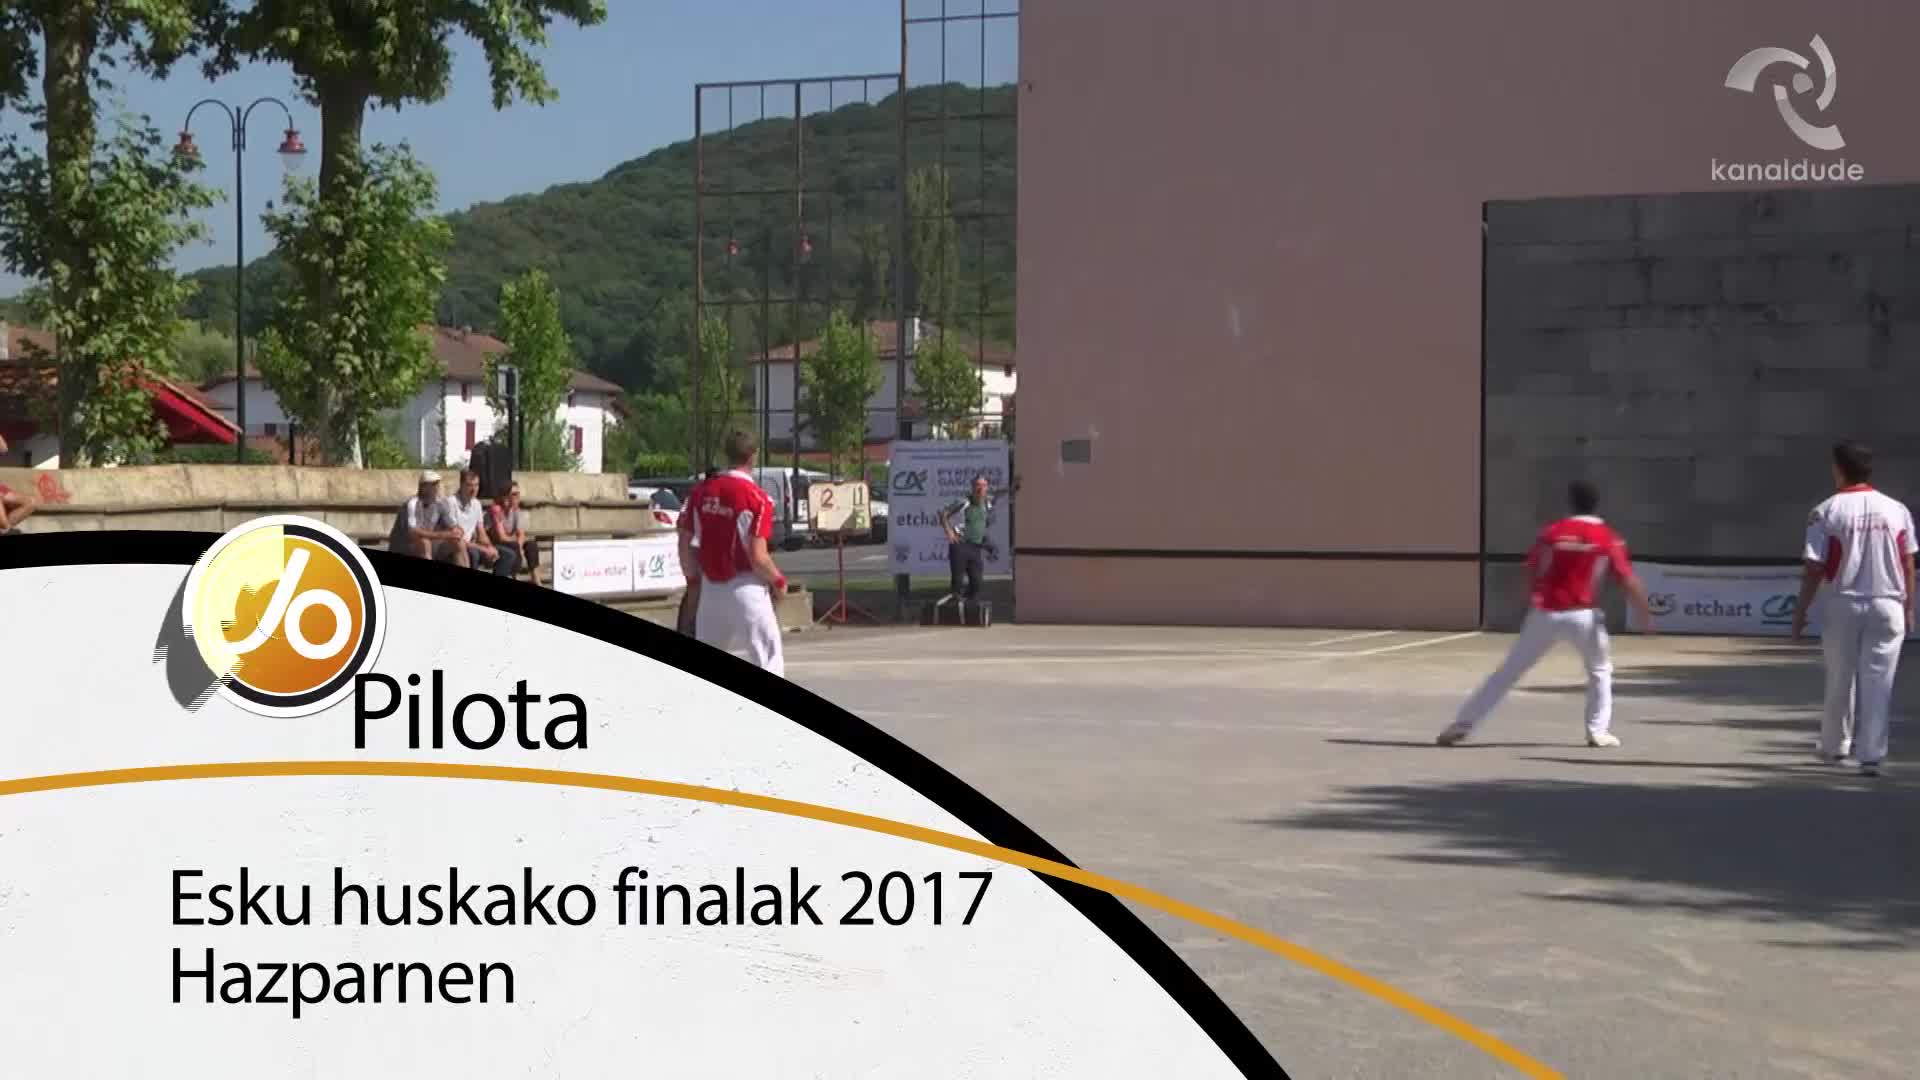 Esku huskako finalak 2017 Hazparnen